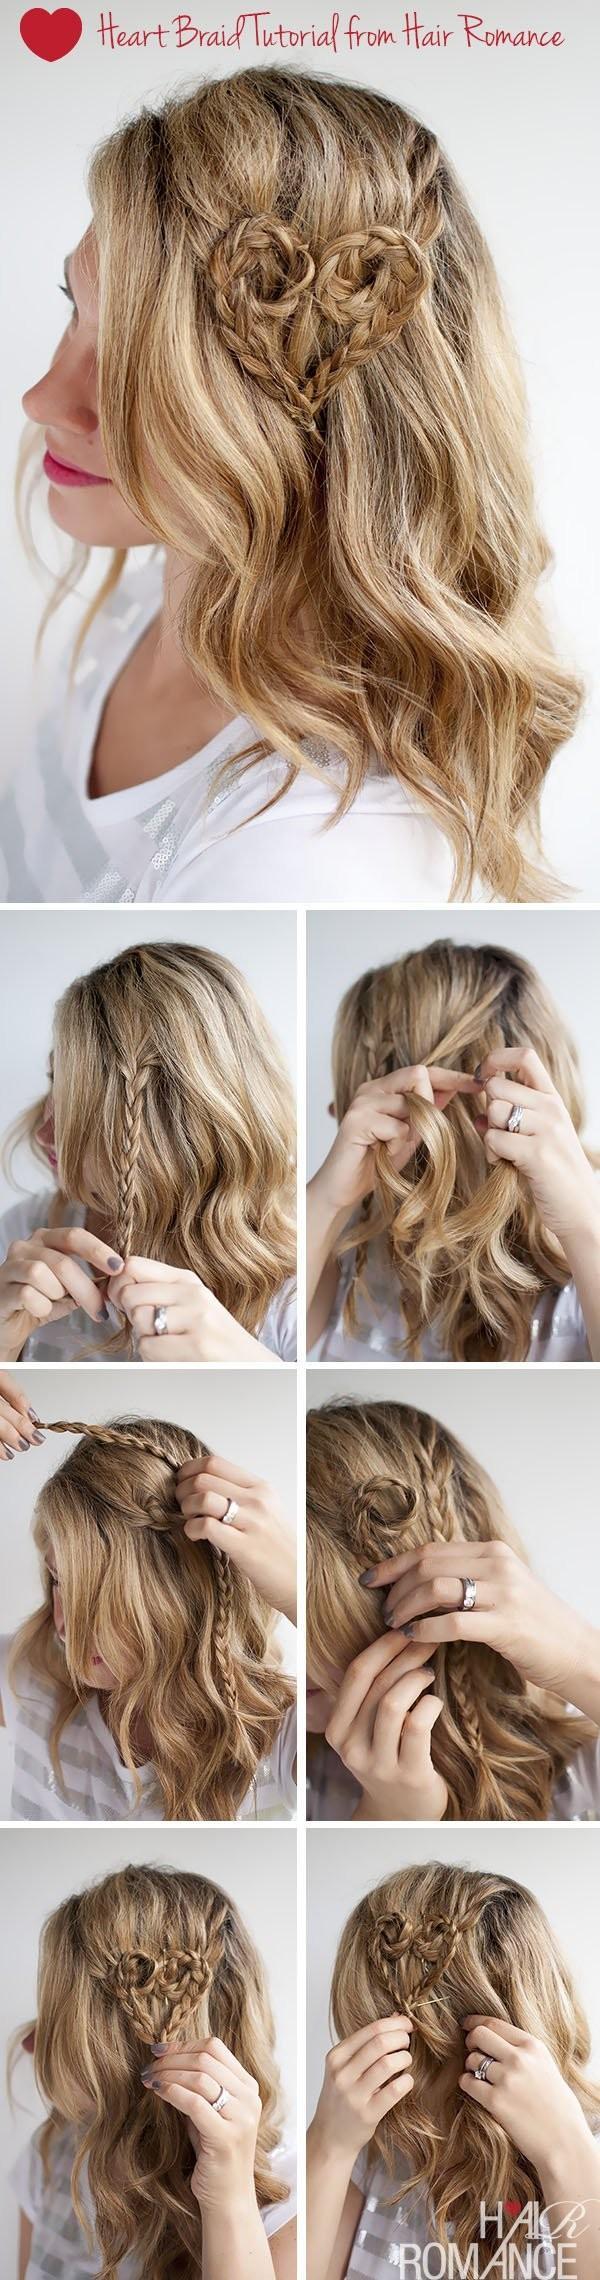 12 kiểu tóc trái tim đẹp cho nàng thật cuốn hút dịp lễ valentine phần 4